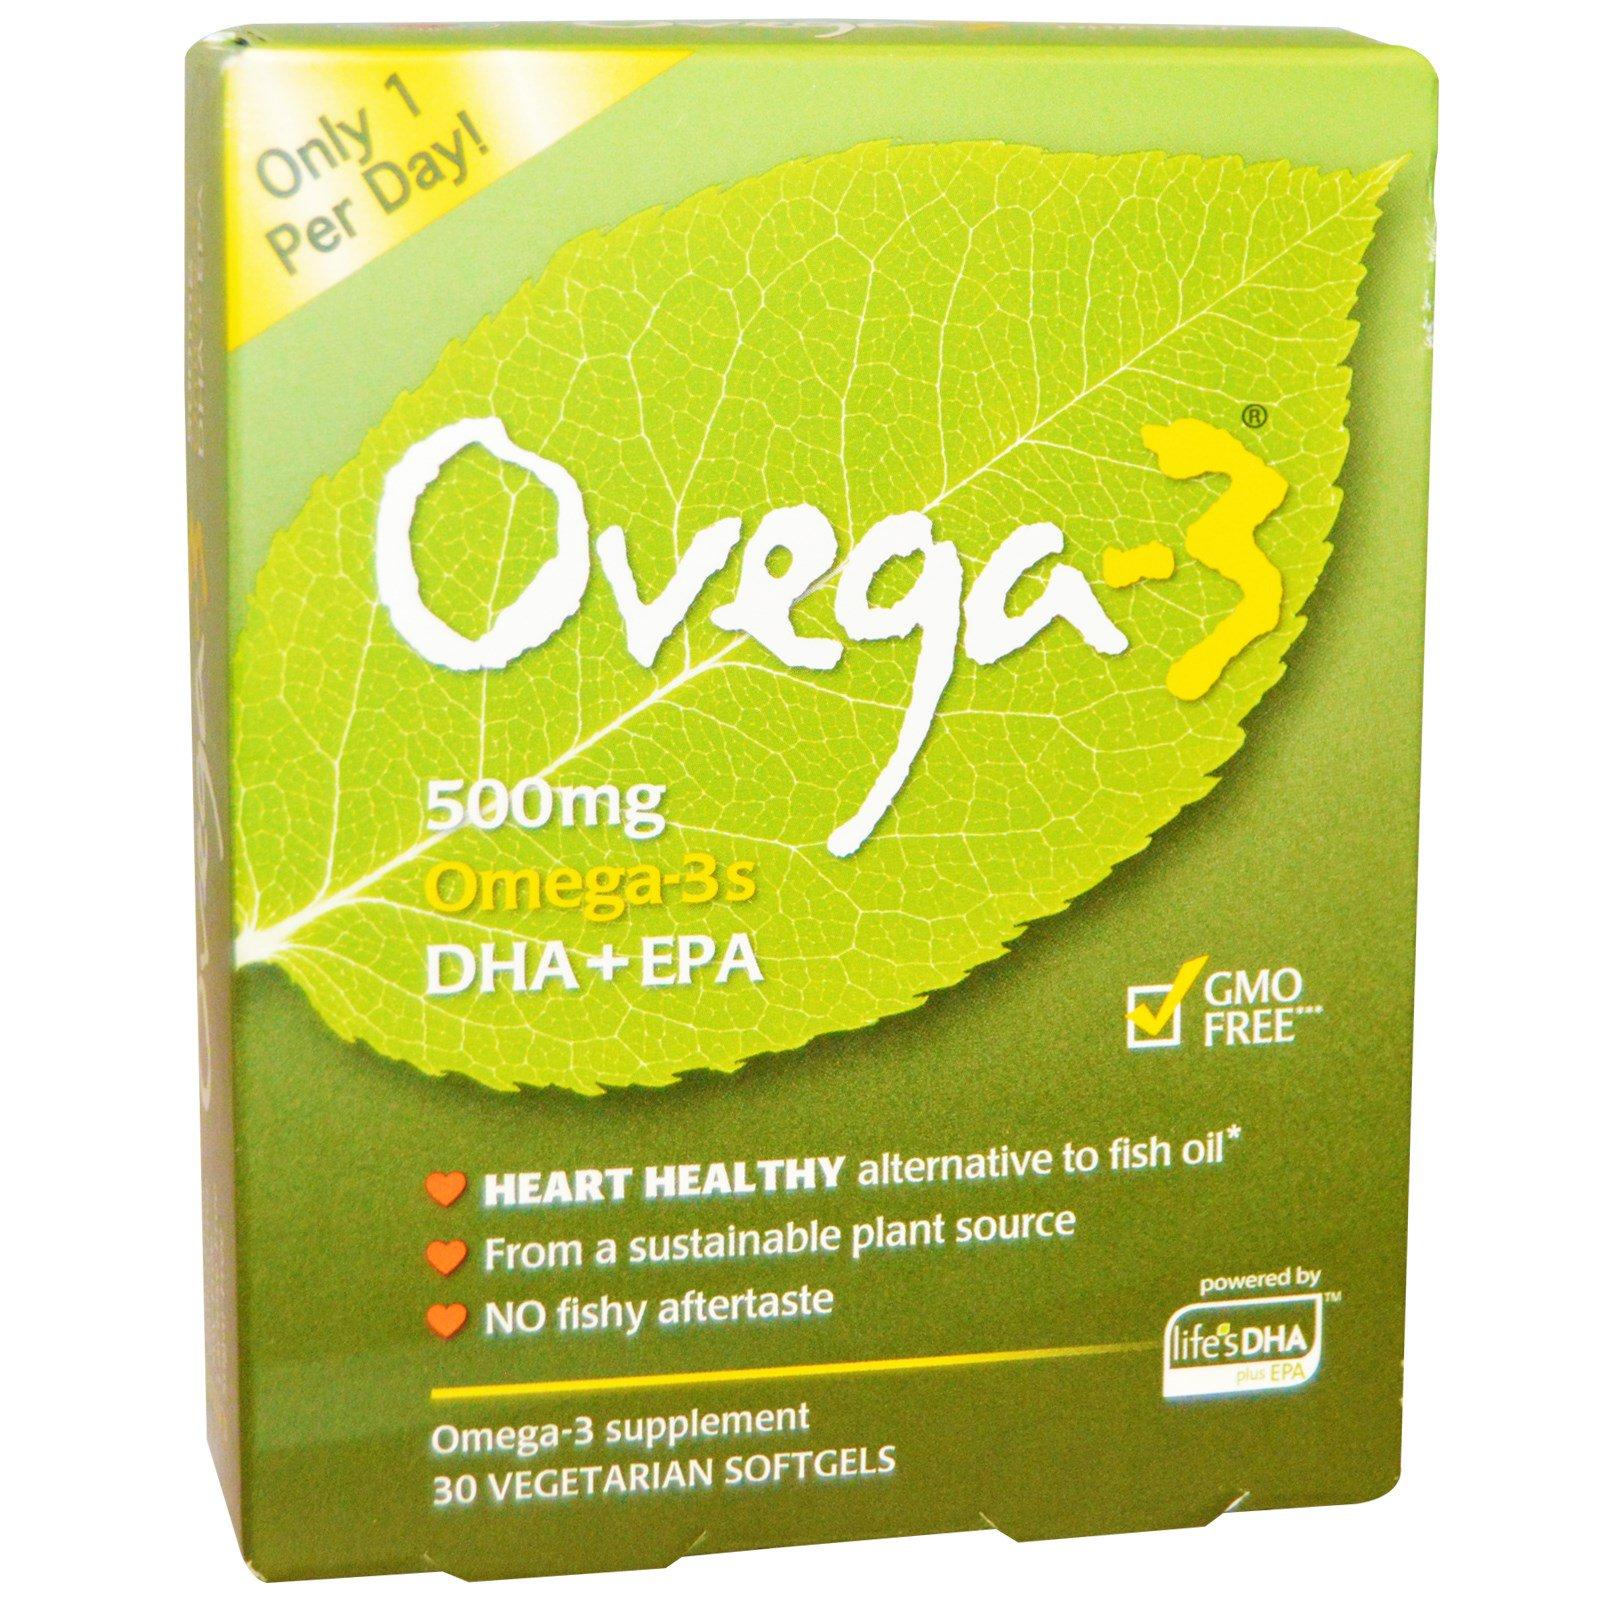 Ovega-3, Ovega-3 Omega-3s DHA + EPA, 500 mg, 30 Vegetarian Softgels